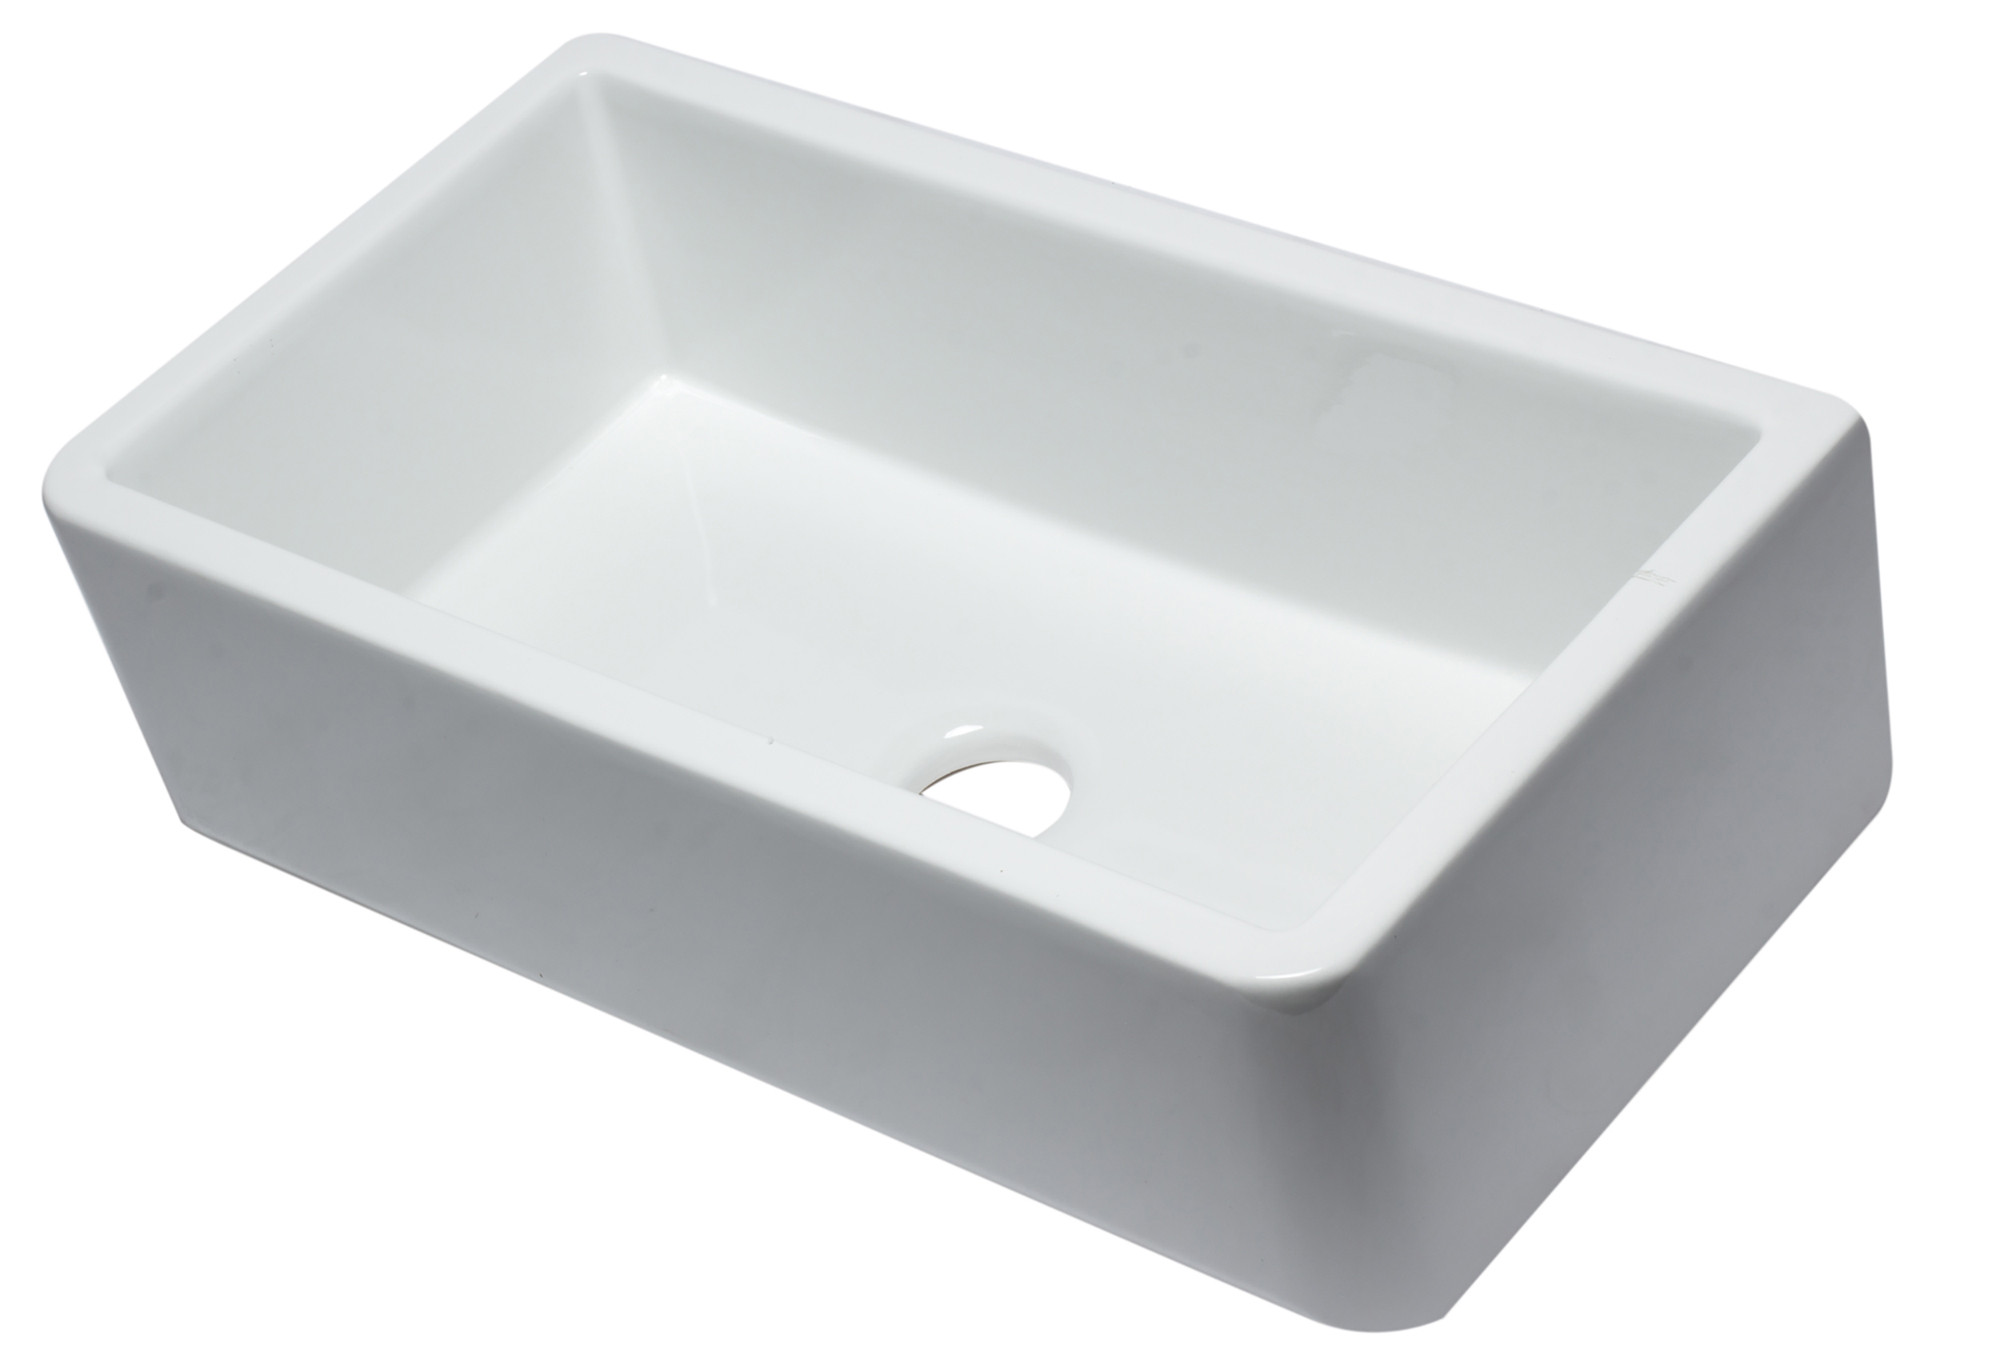 ALFI brand AB3318SB White